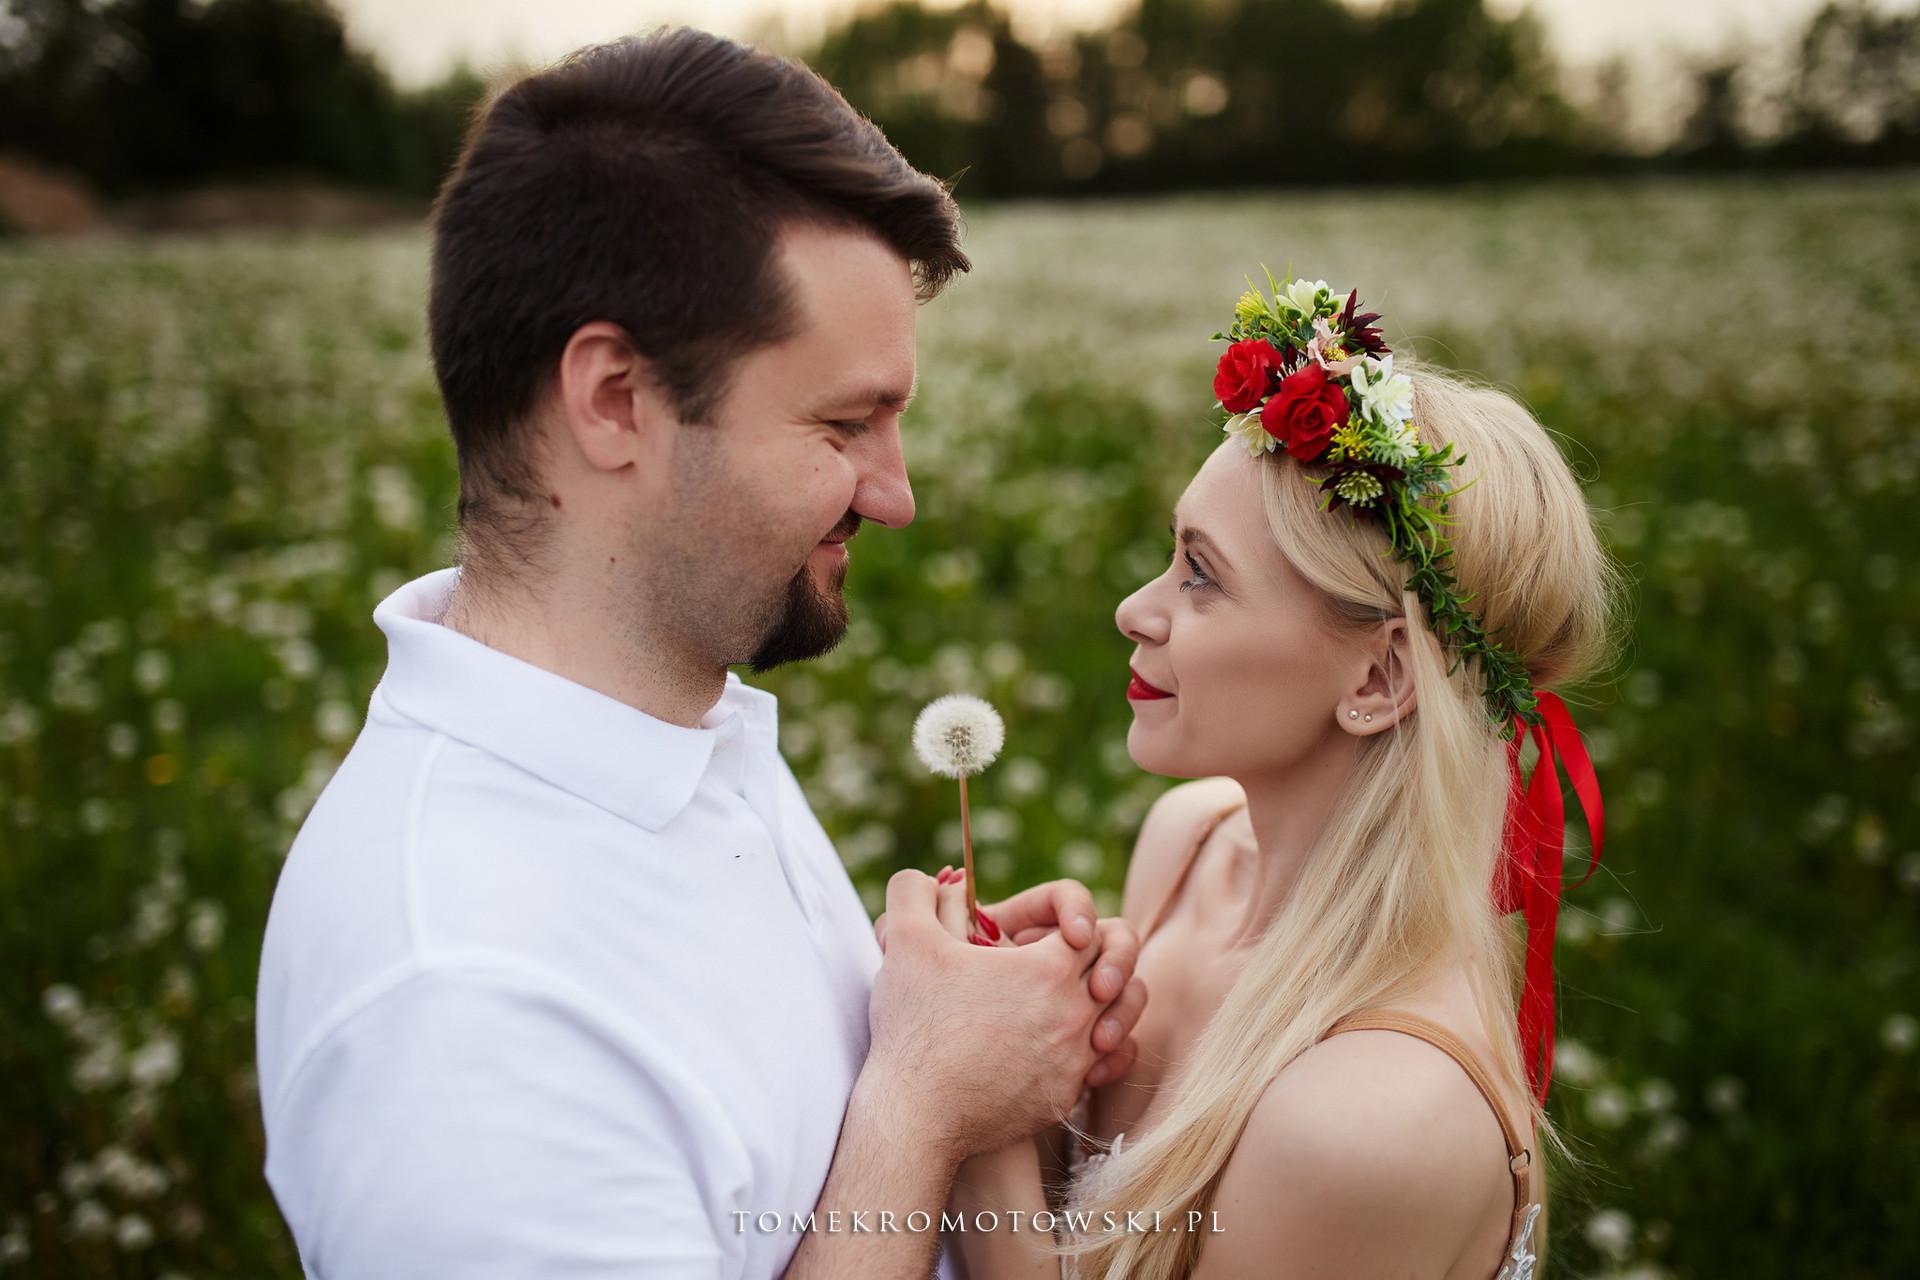 zakochani - fotograf ślubny z Olecko